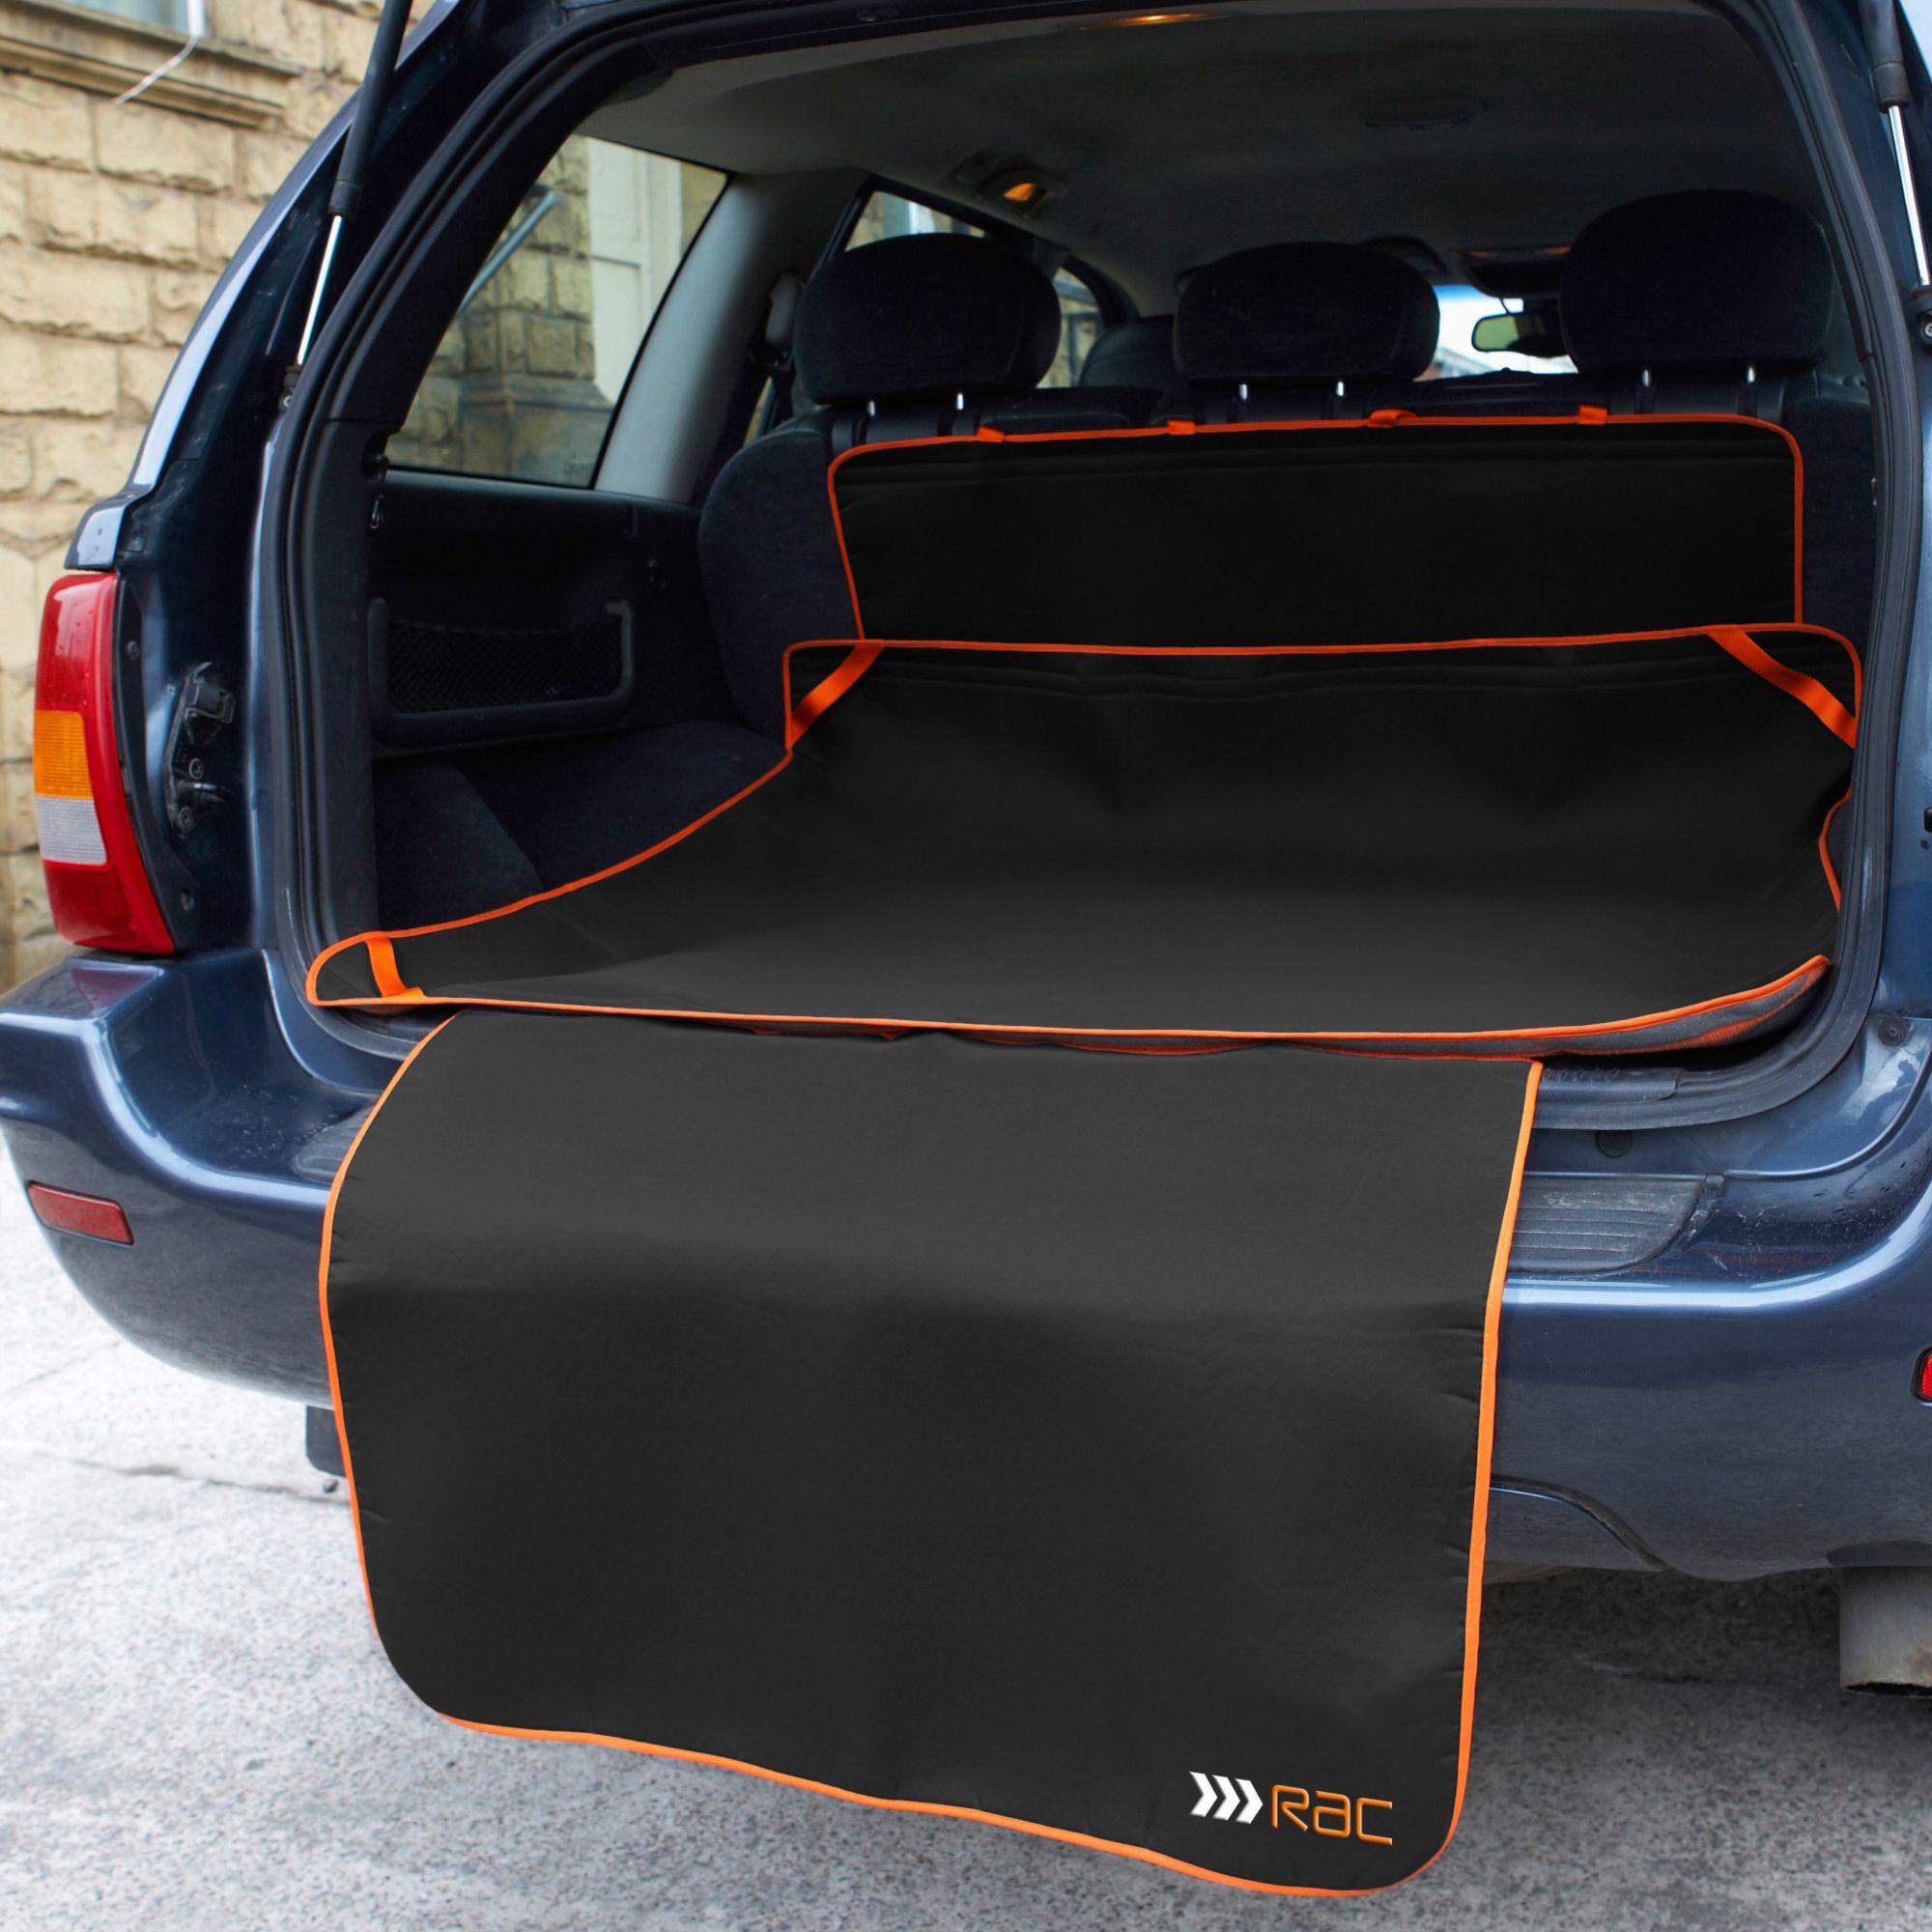 HEIM Automatte »RAC Kofferraummatte mit Stoßstangenschutz«